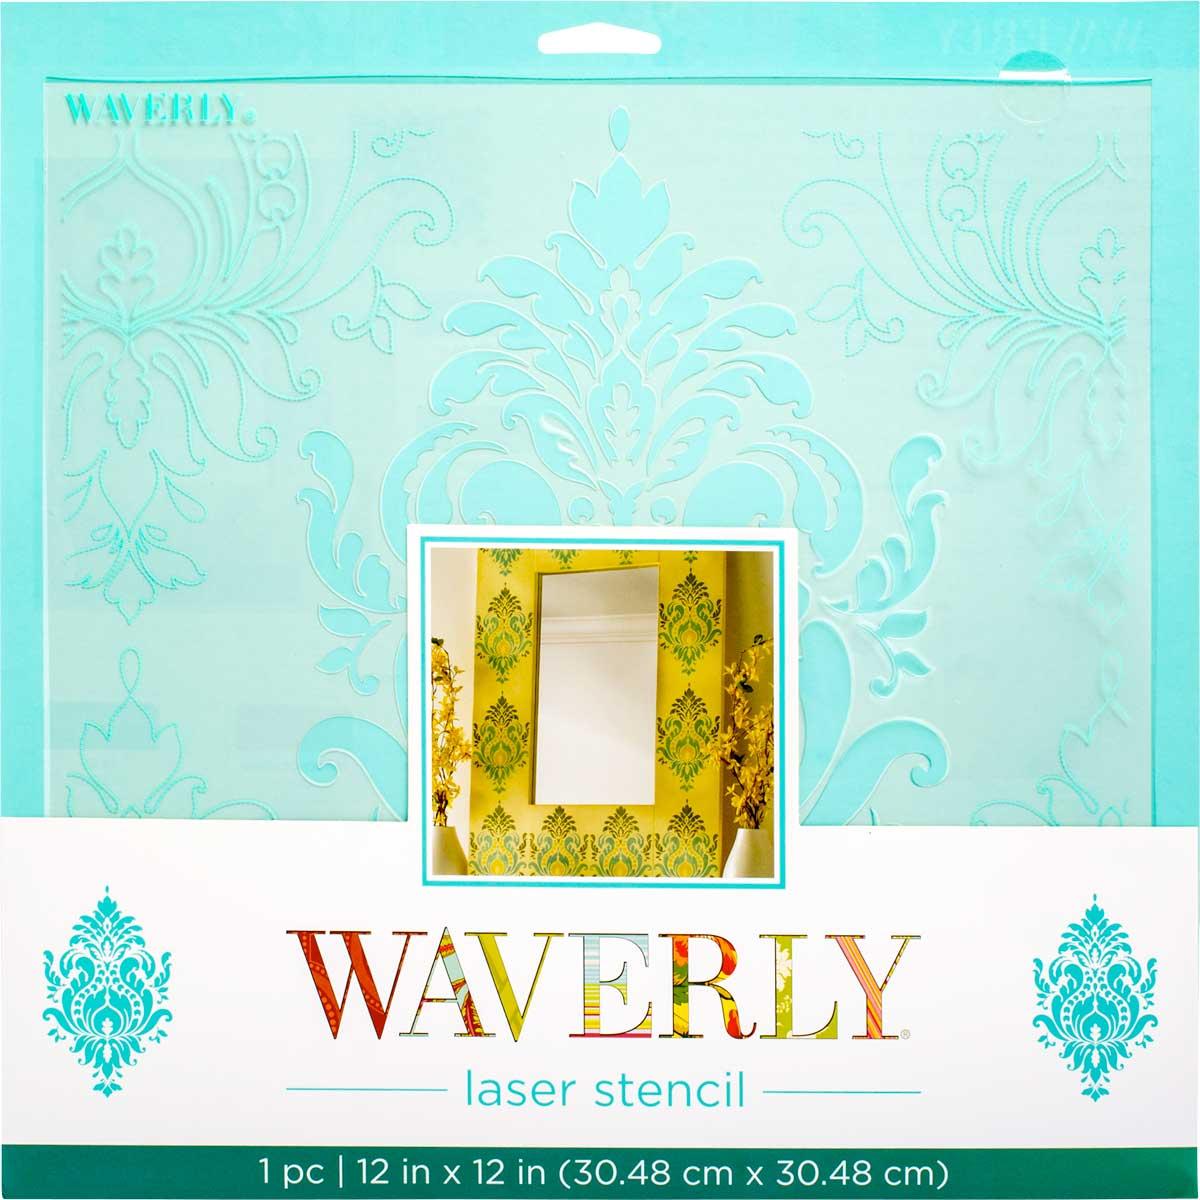 Waverly ® Laser Stencils - Gemma, 12